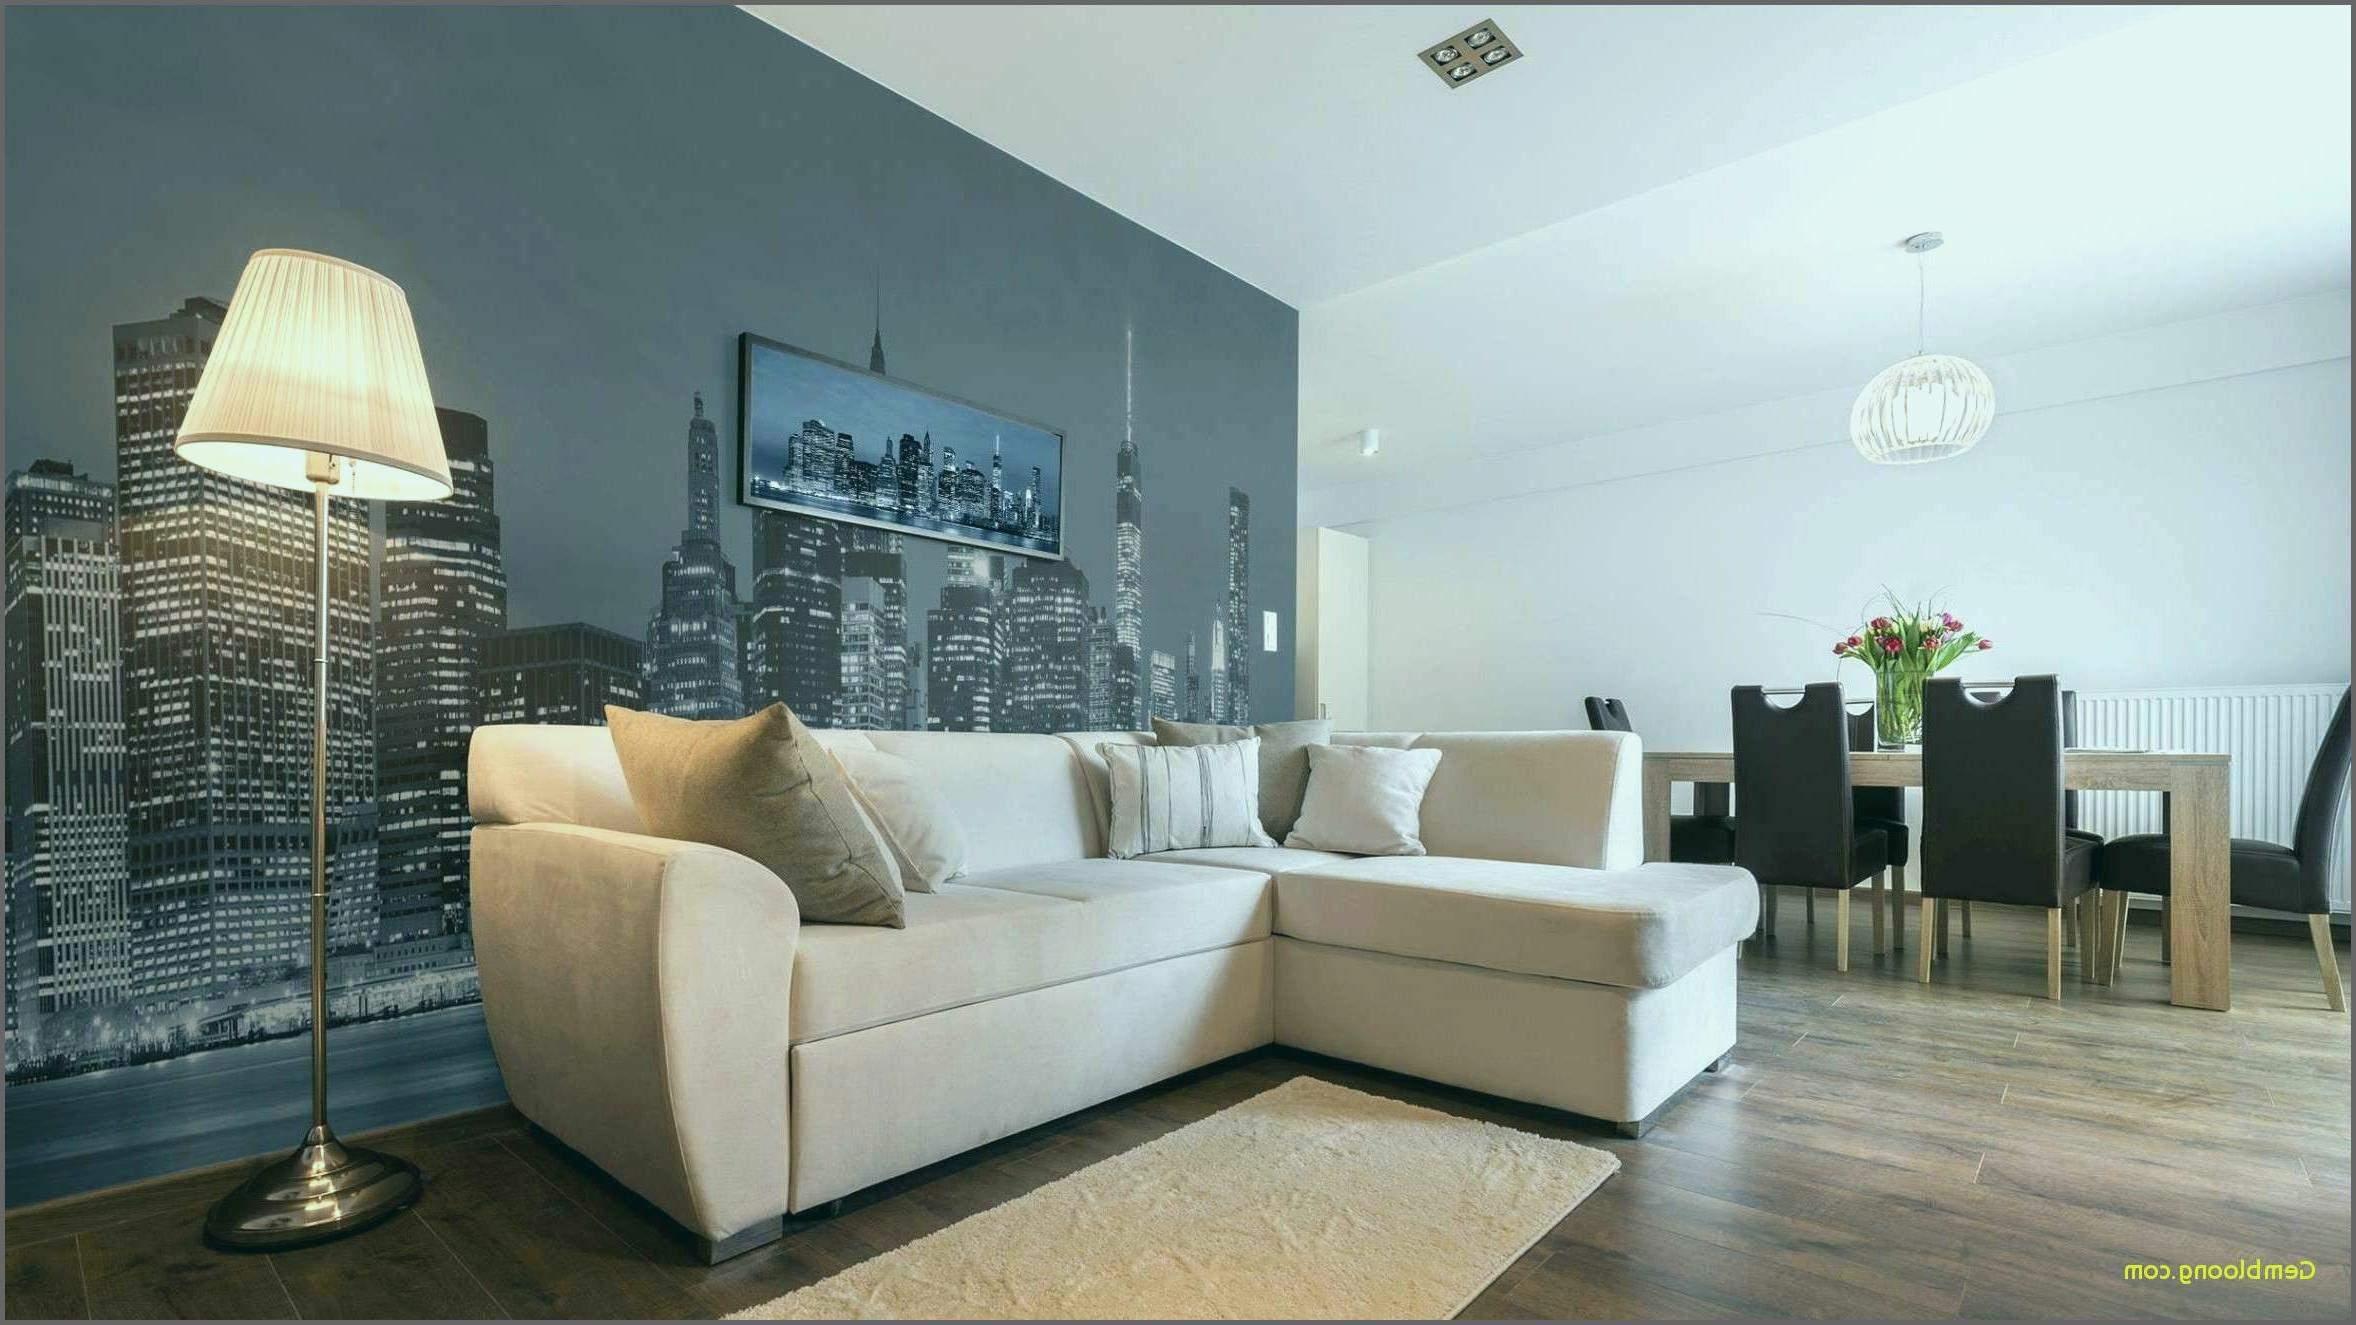 wohnzimmer dekoration das beste von 32 fantastisch und makellos wohnzimmer wand dekorieren of wohnzimmer dekoration